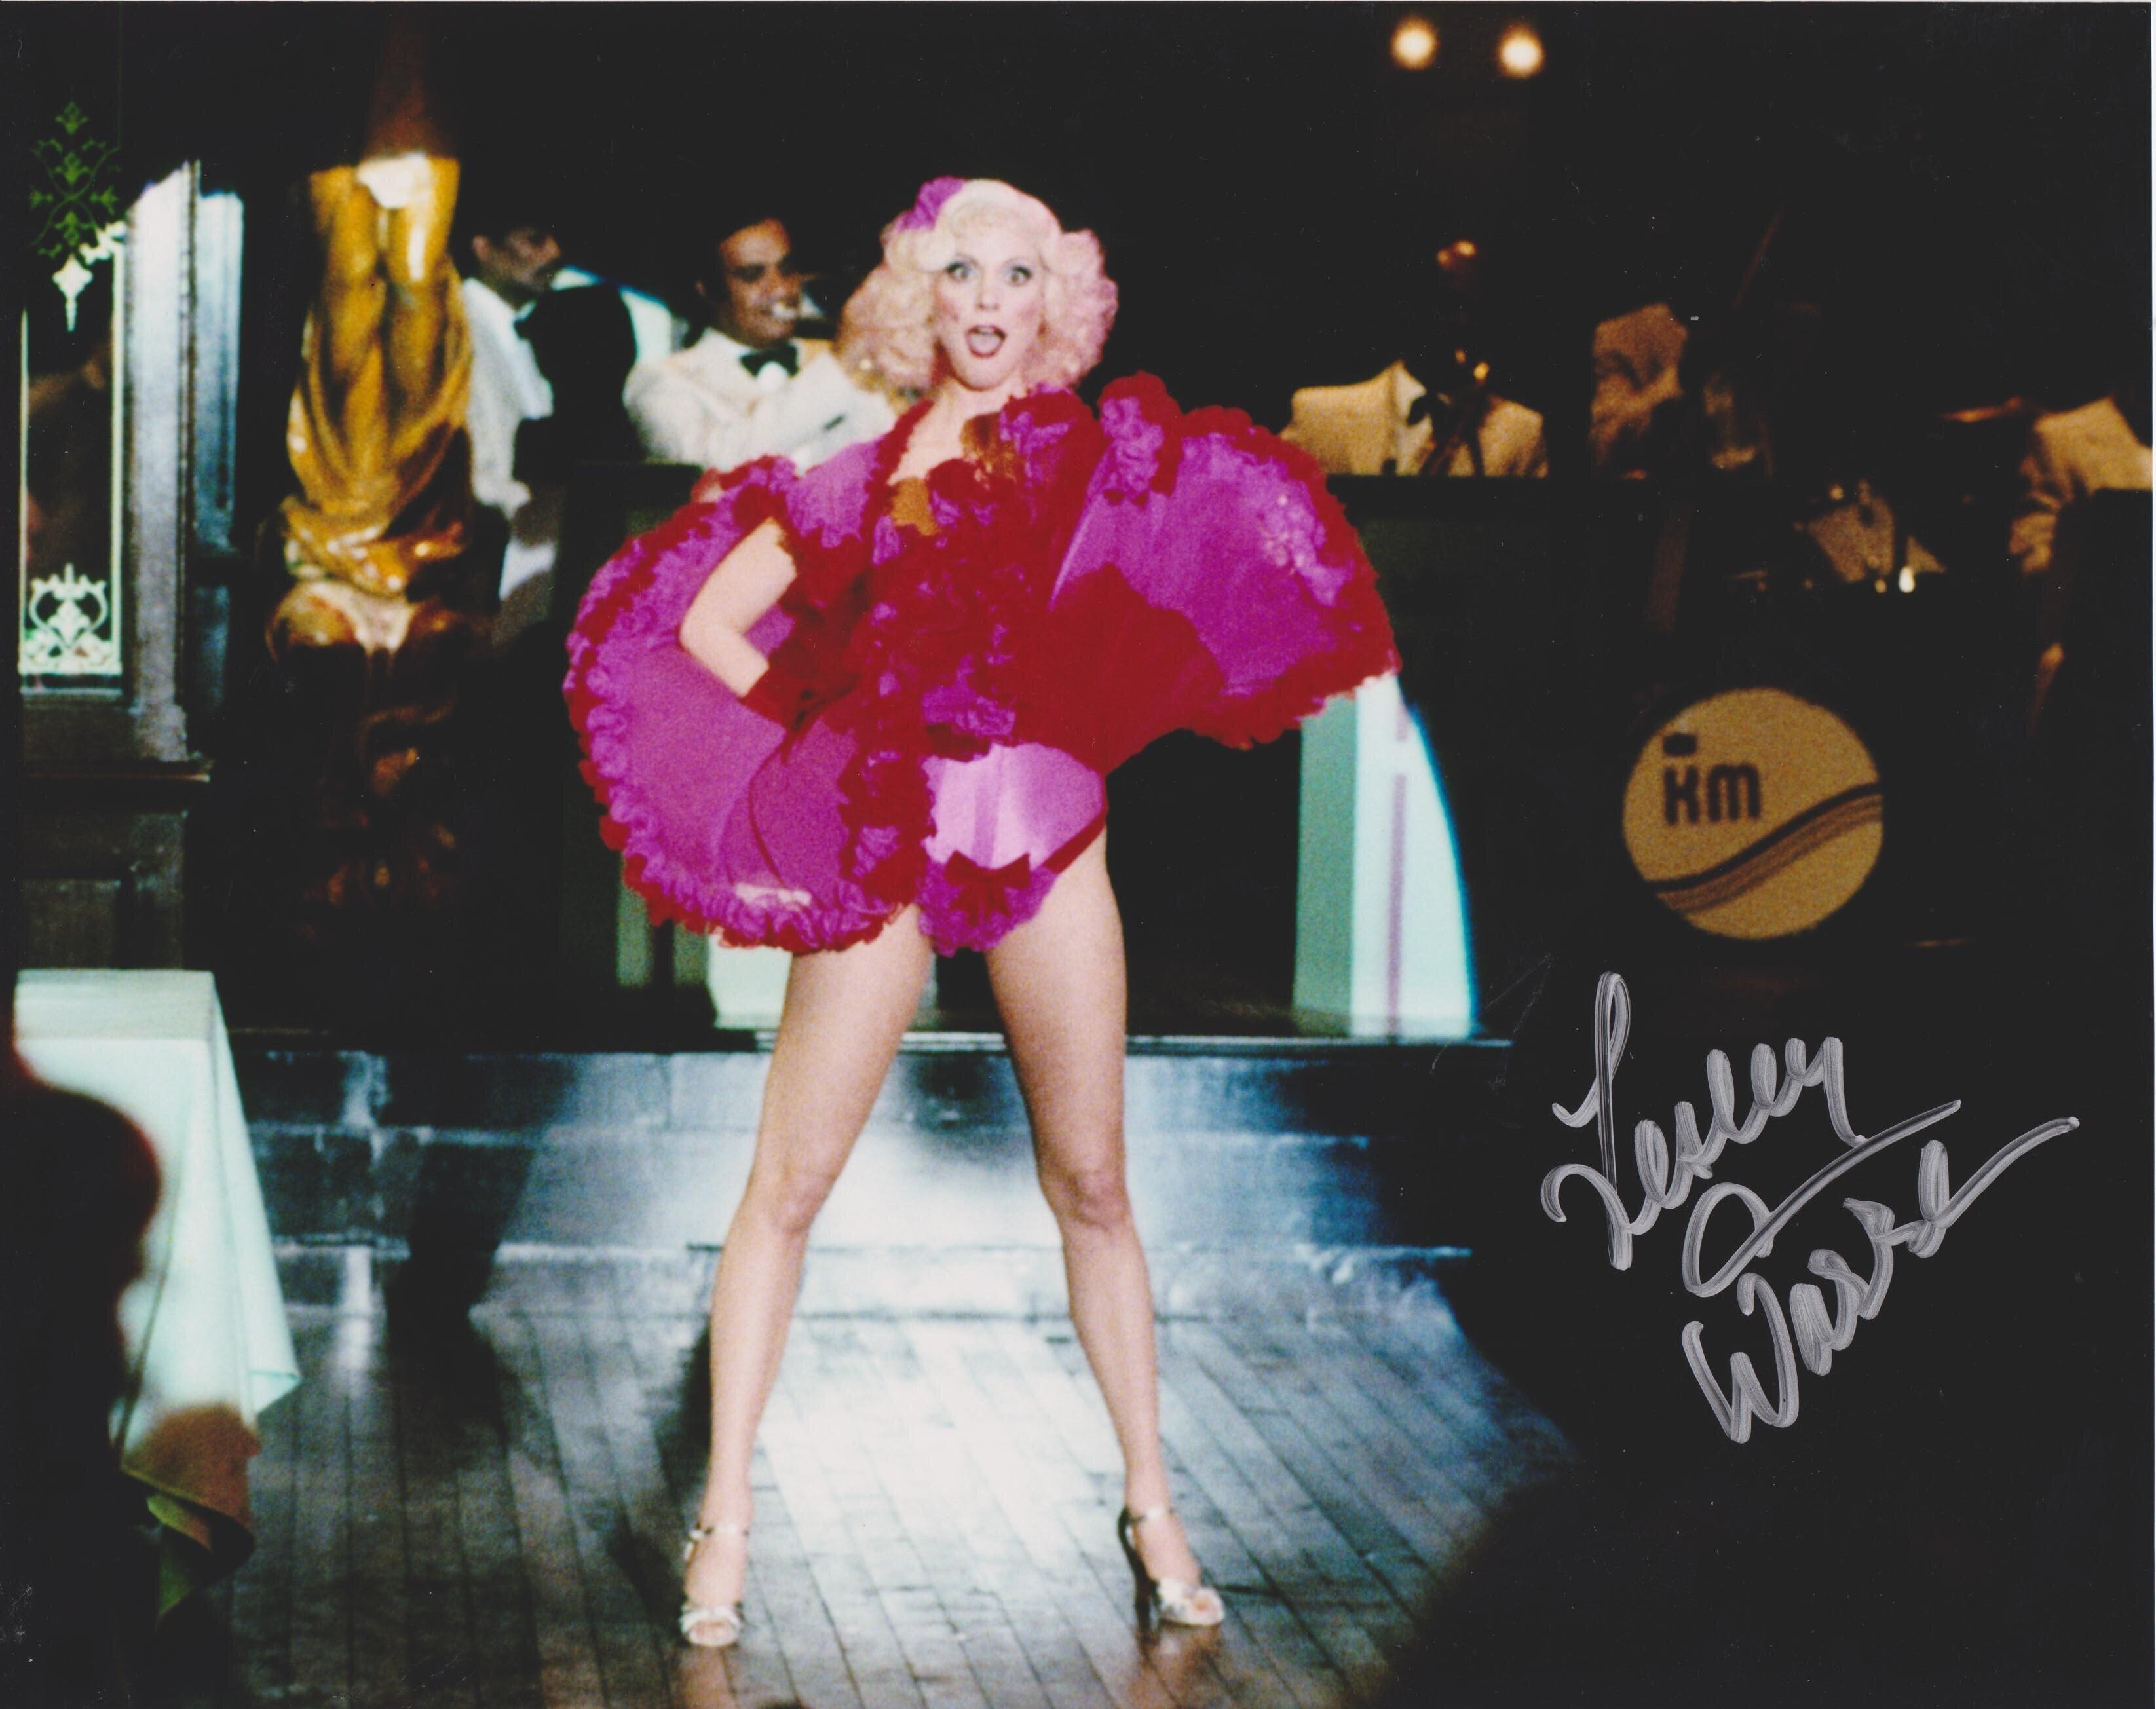 Raquel Zimmermann BRA 3 2002, 2005-2006,Shazahn Padamsee Sex image Giovonnie Samuels,Callum Keith Rennie